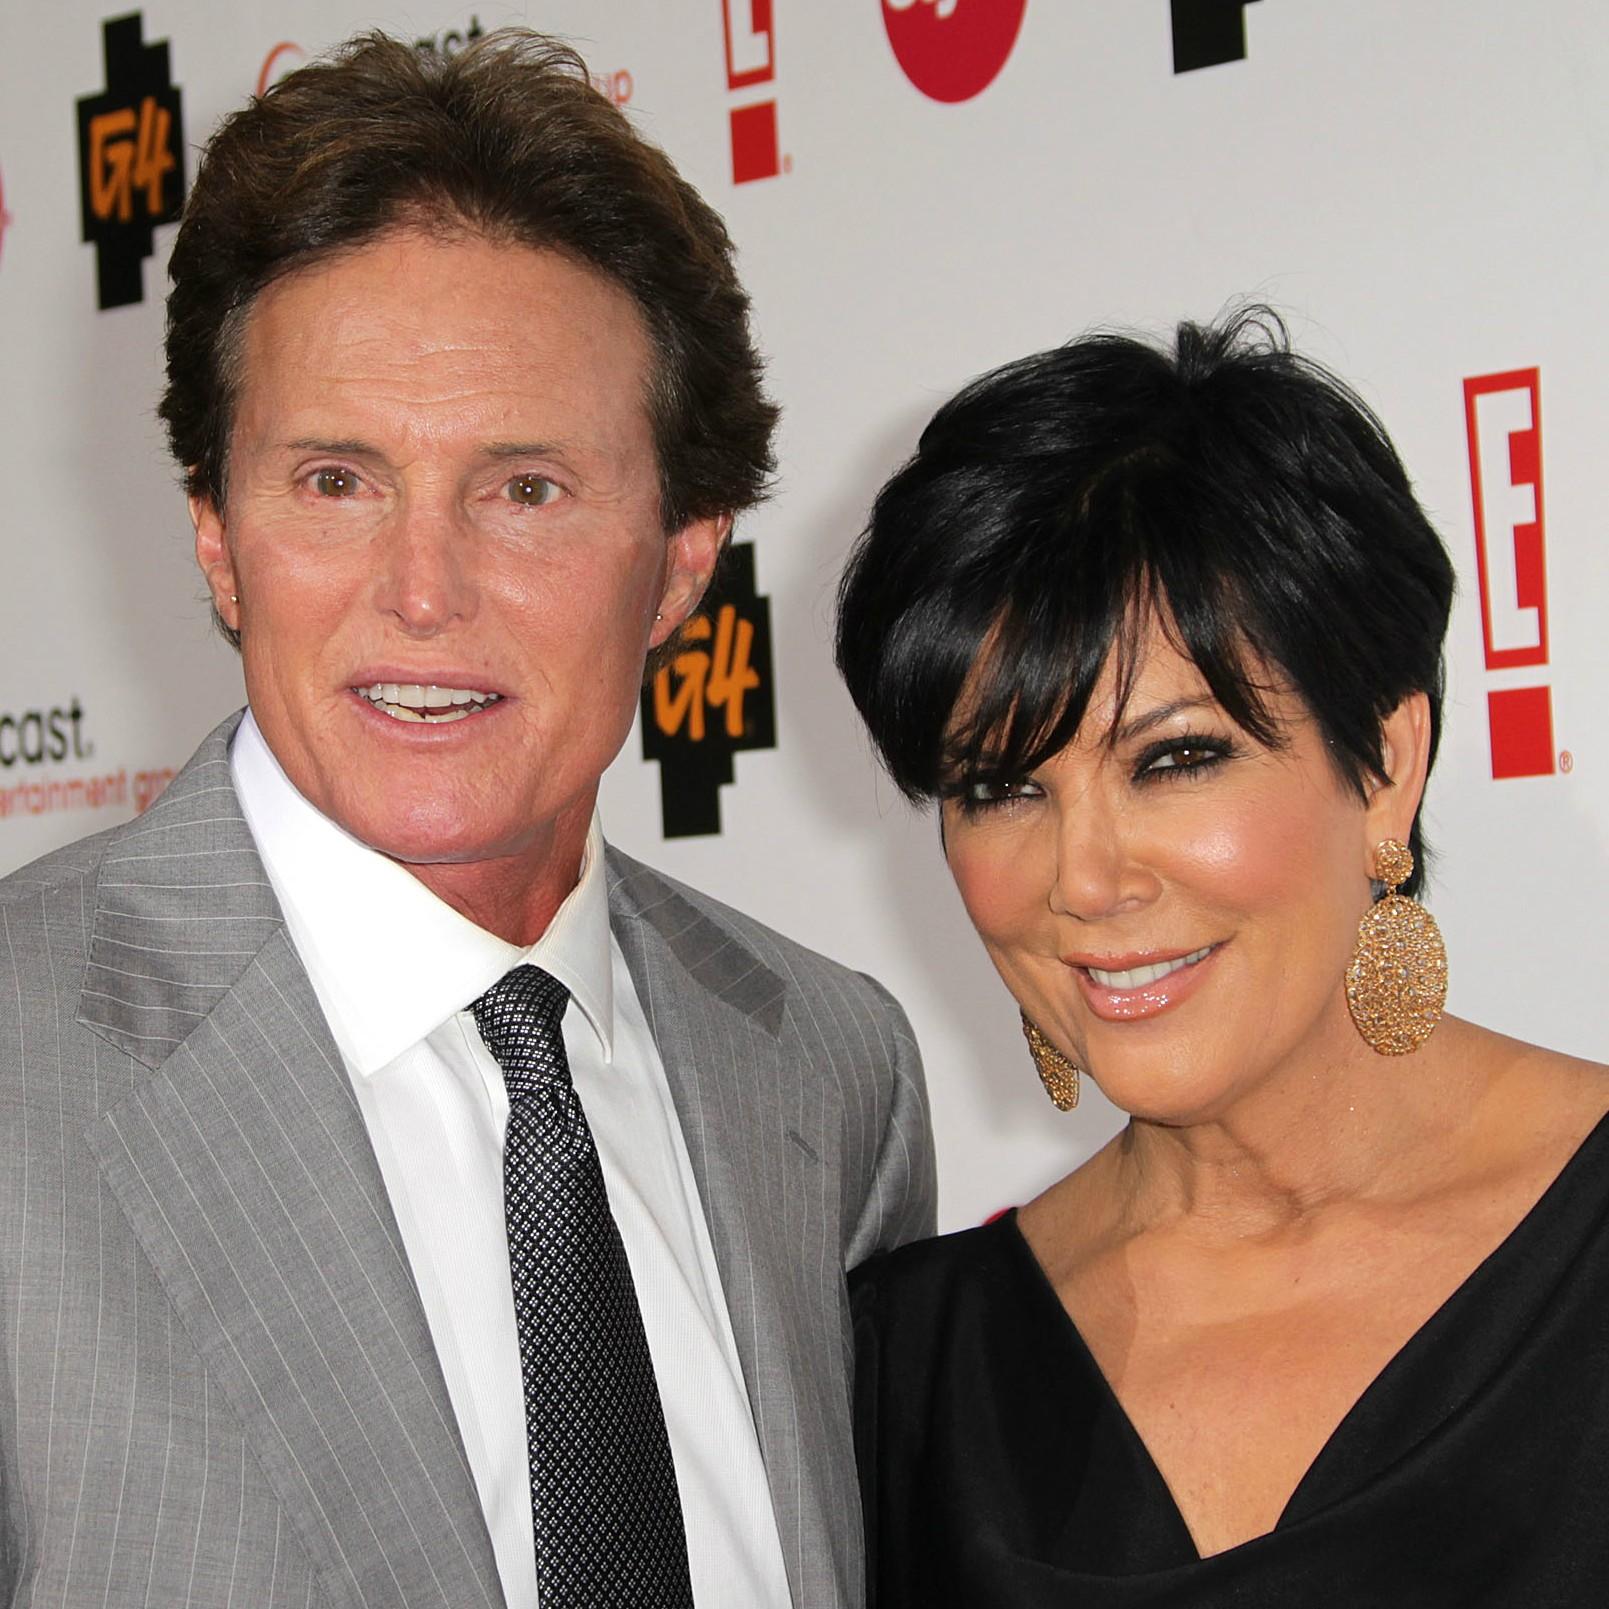 A matriarca das Kardashians, Kris Jenner, teve mais sorte. Ela conheceu o ex-atleta olímpico Bruce Jenner num encontro às cegas em 1991. Casaram-se cinco meses depois e ficaram juntos por 22 anos, ou seja até 2013. (Foto: Getty Images)